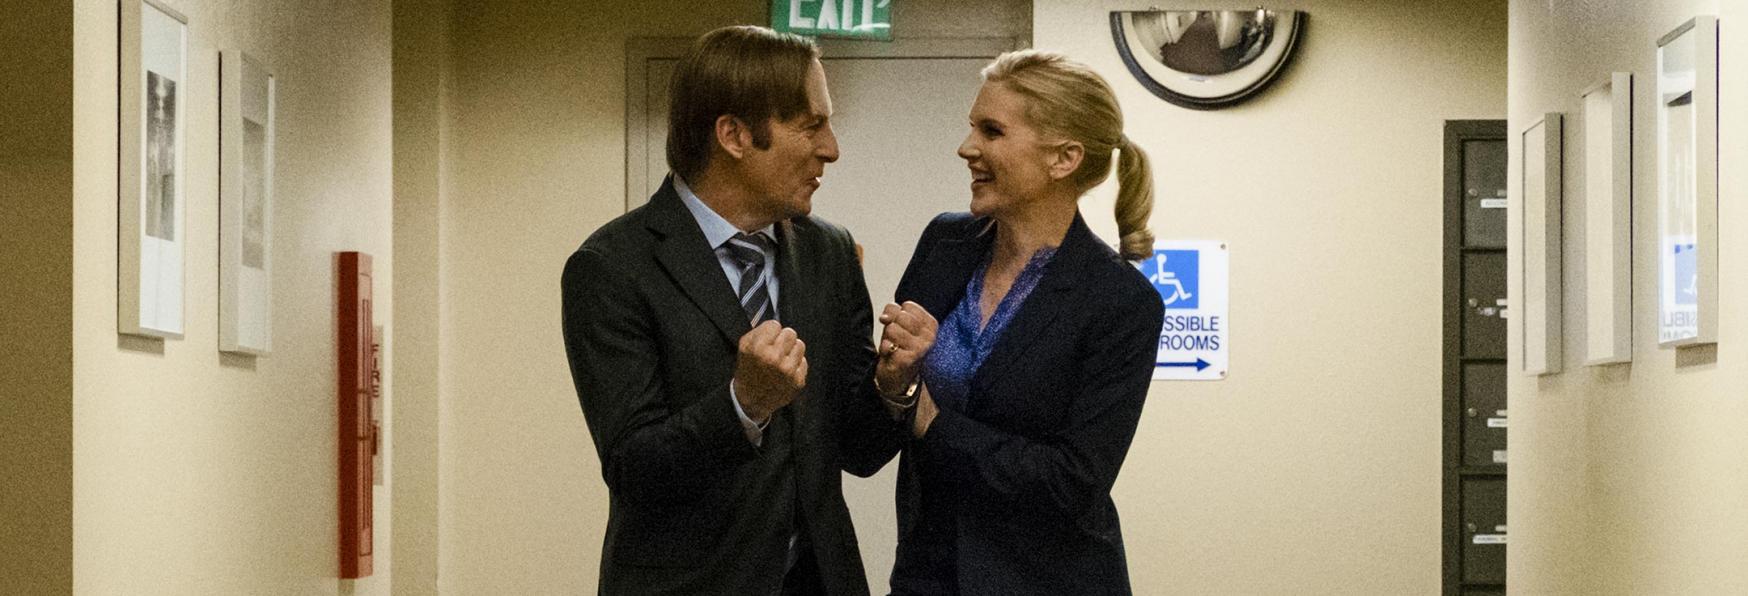 Better Call Saul 6: per Vince Gillian il Finale dello Spin-off sarà migliore di quello di Breaking Bad